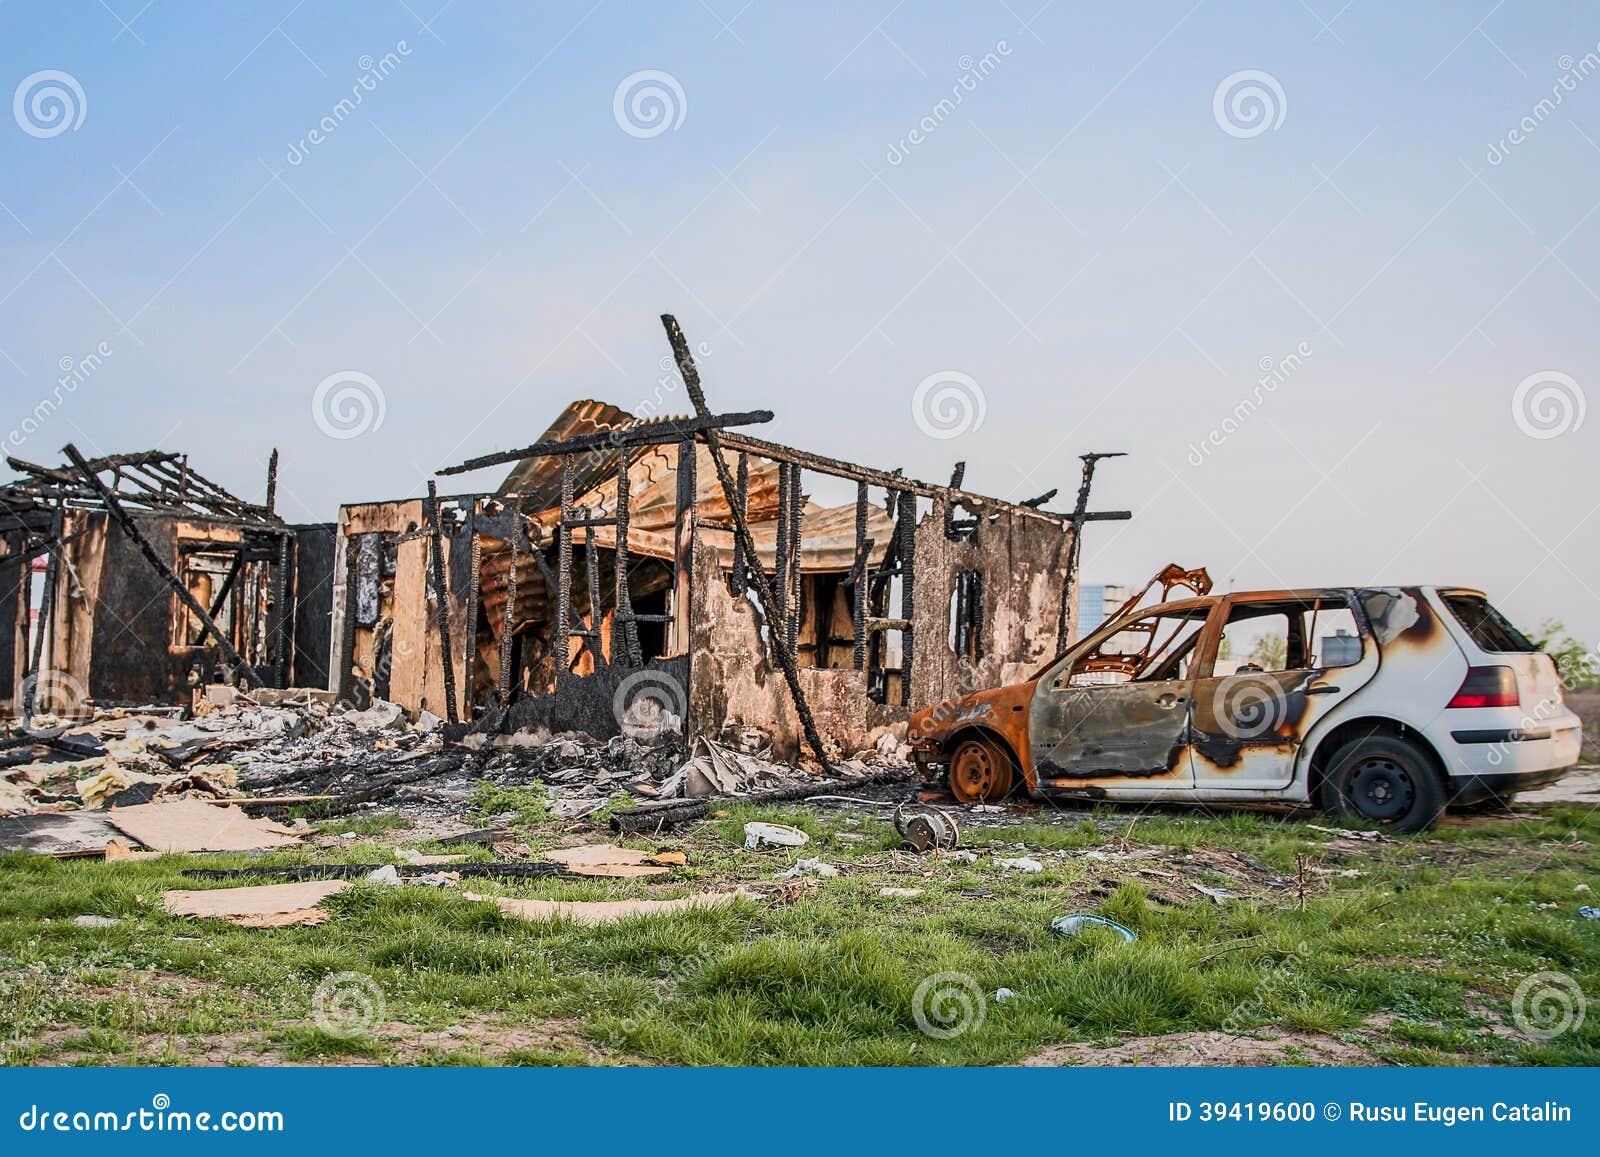 La maison loge l 39 assurance br l e par v hicules de voiture for Assurance de la maison